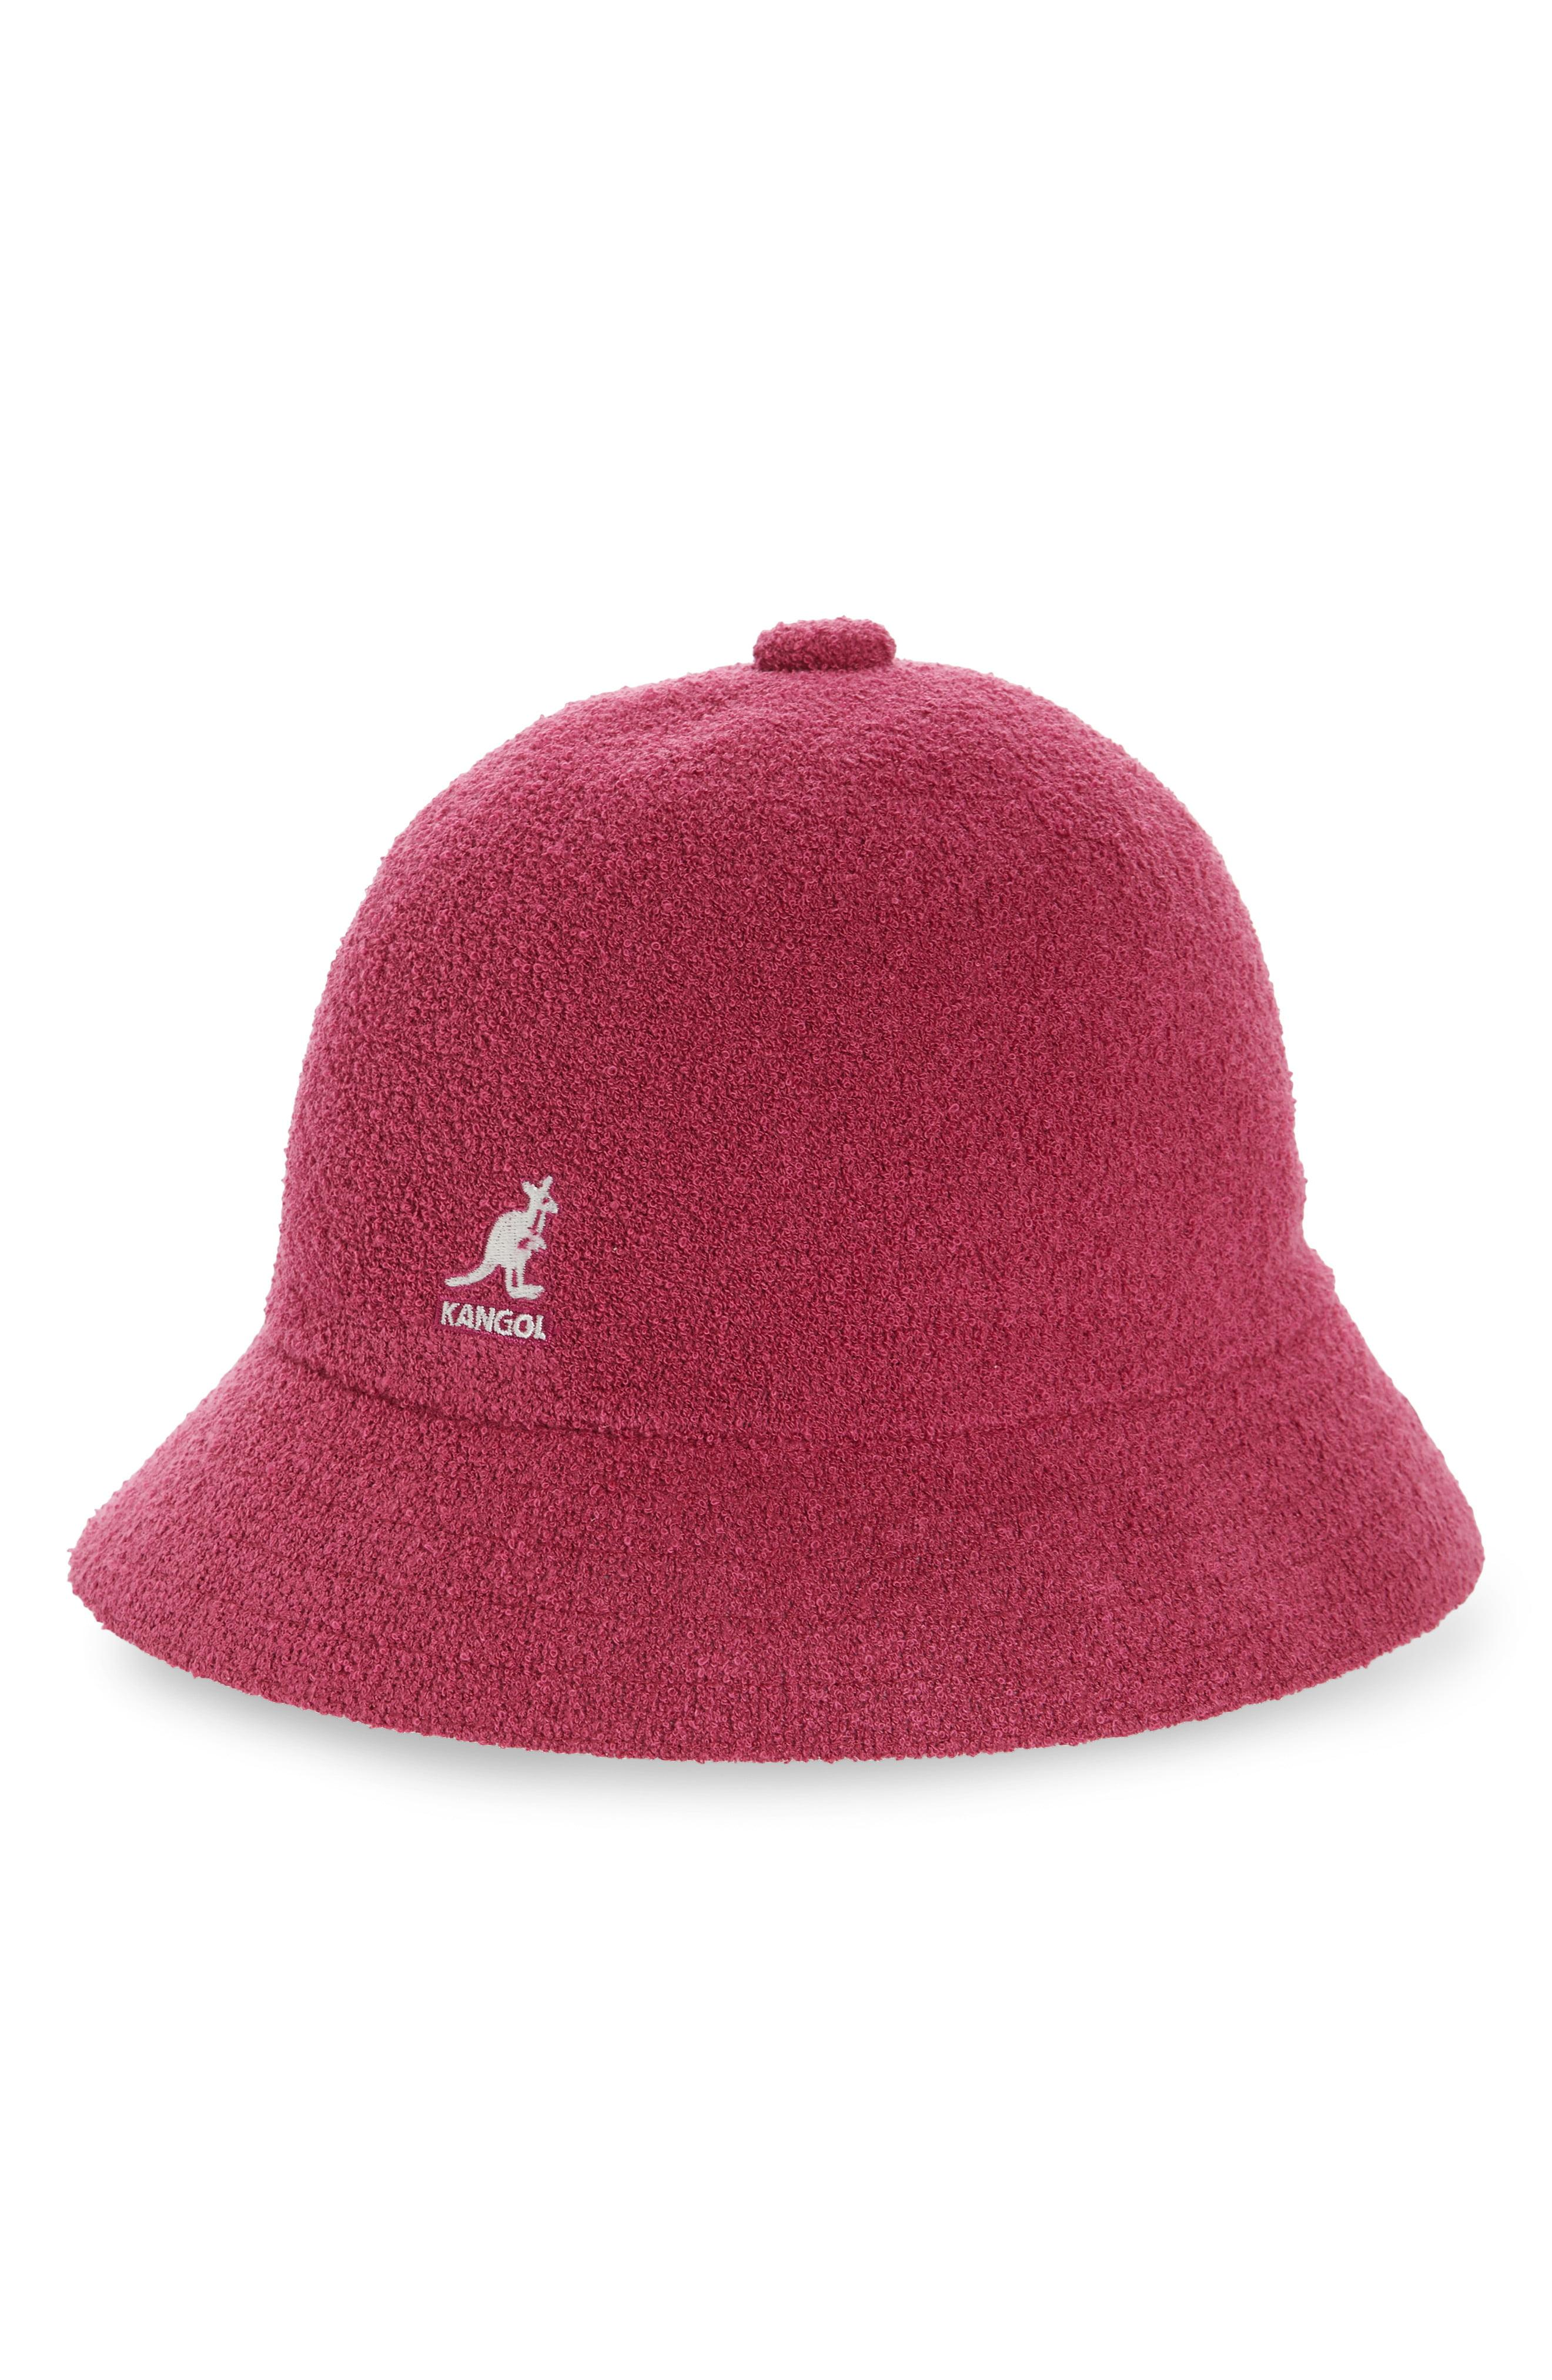 e8c996138a85 Lyst - Kangol Bermuda Casual Cloche Hat - in Red